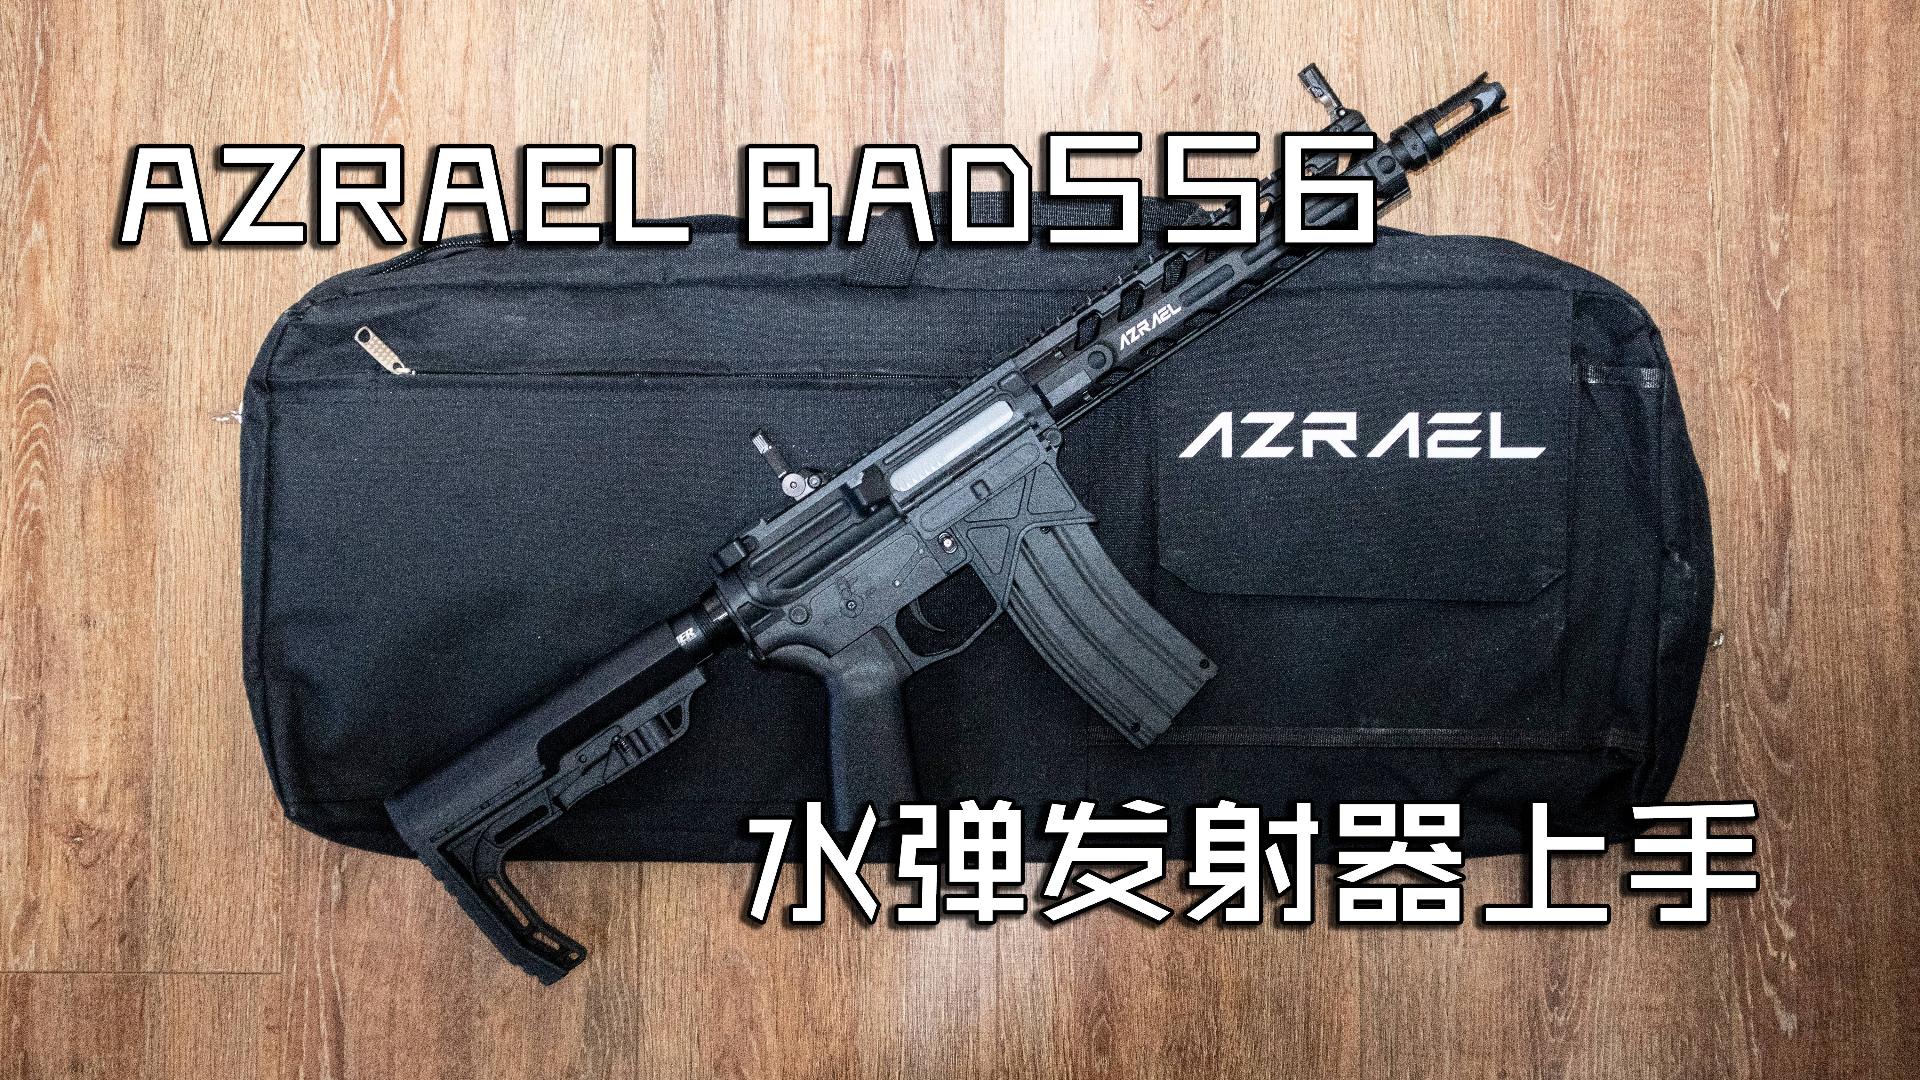 【玩弹】加量不加价的竞技AR——AZRAEL BAD556水弹发射器上手